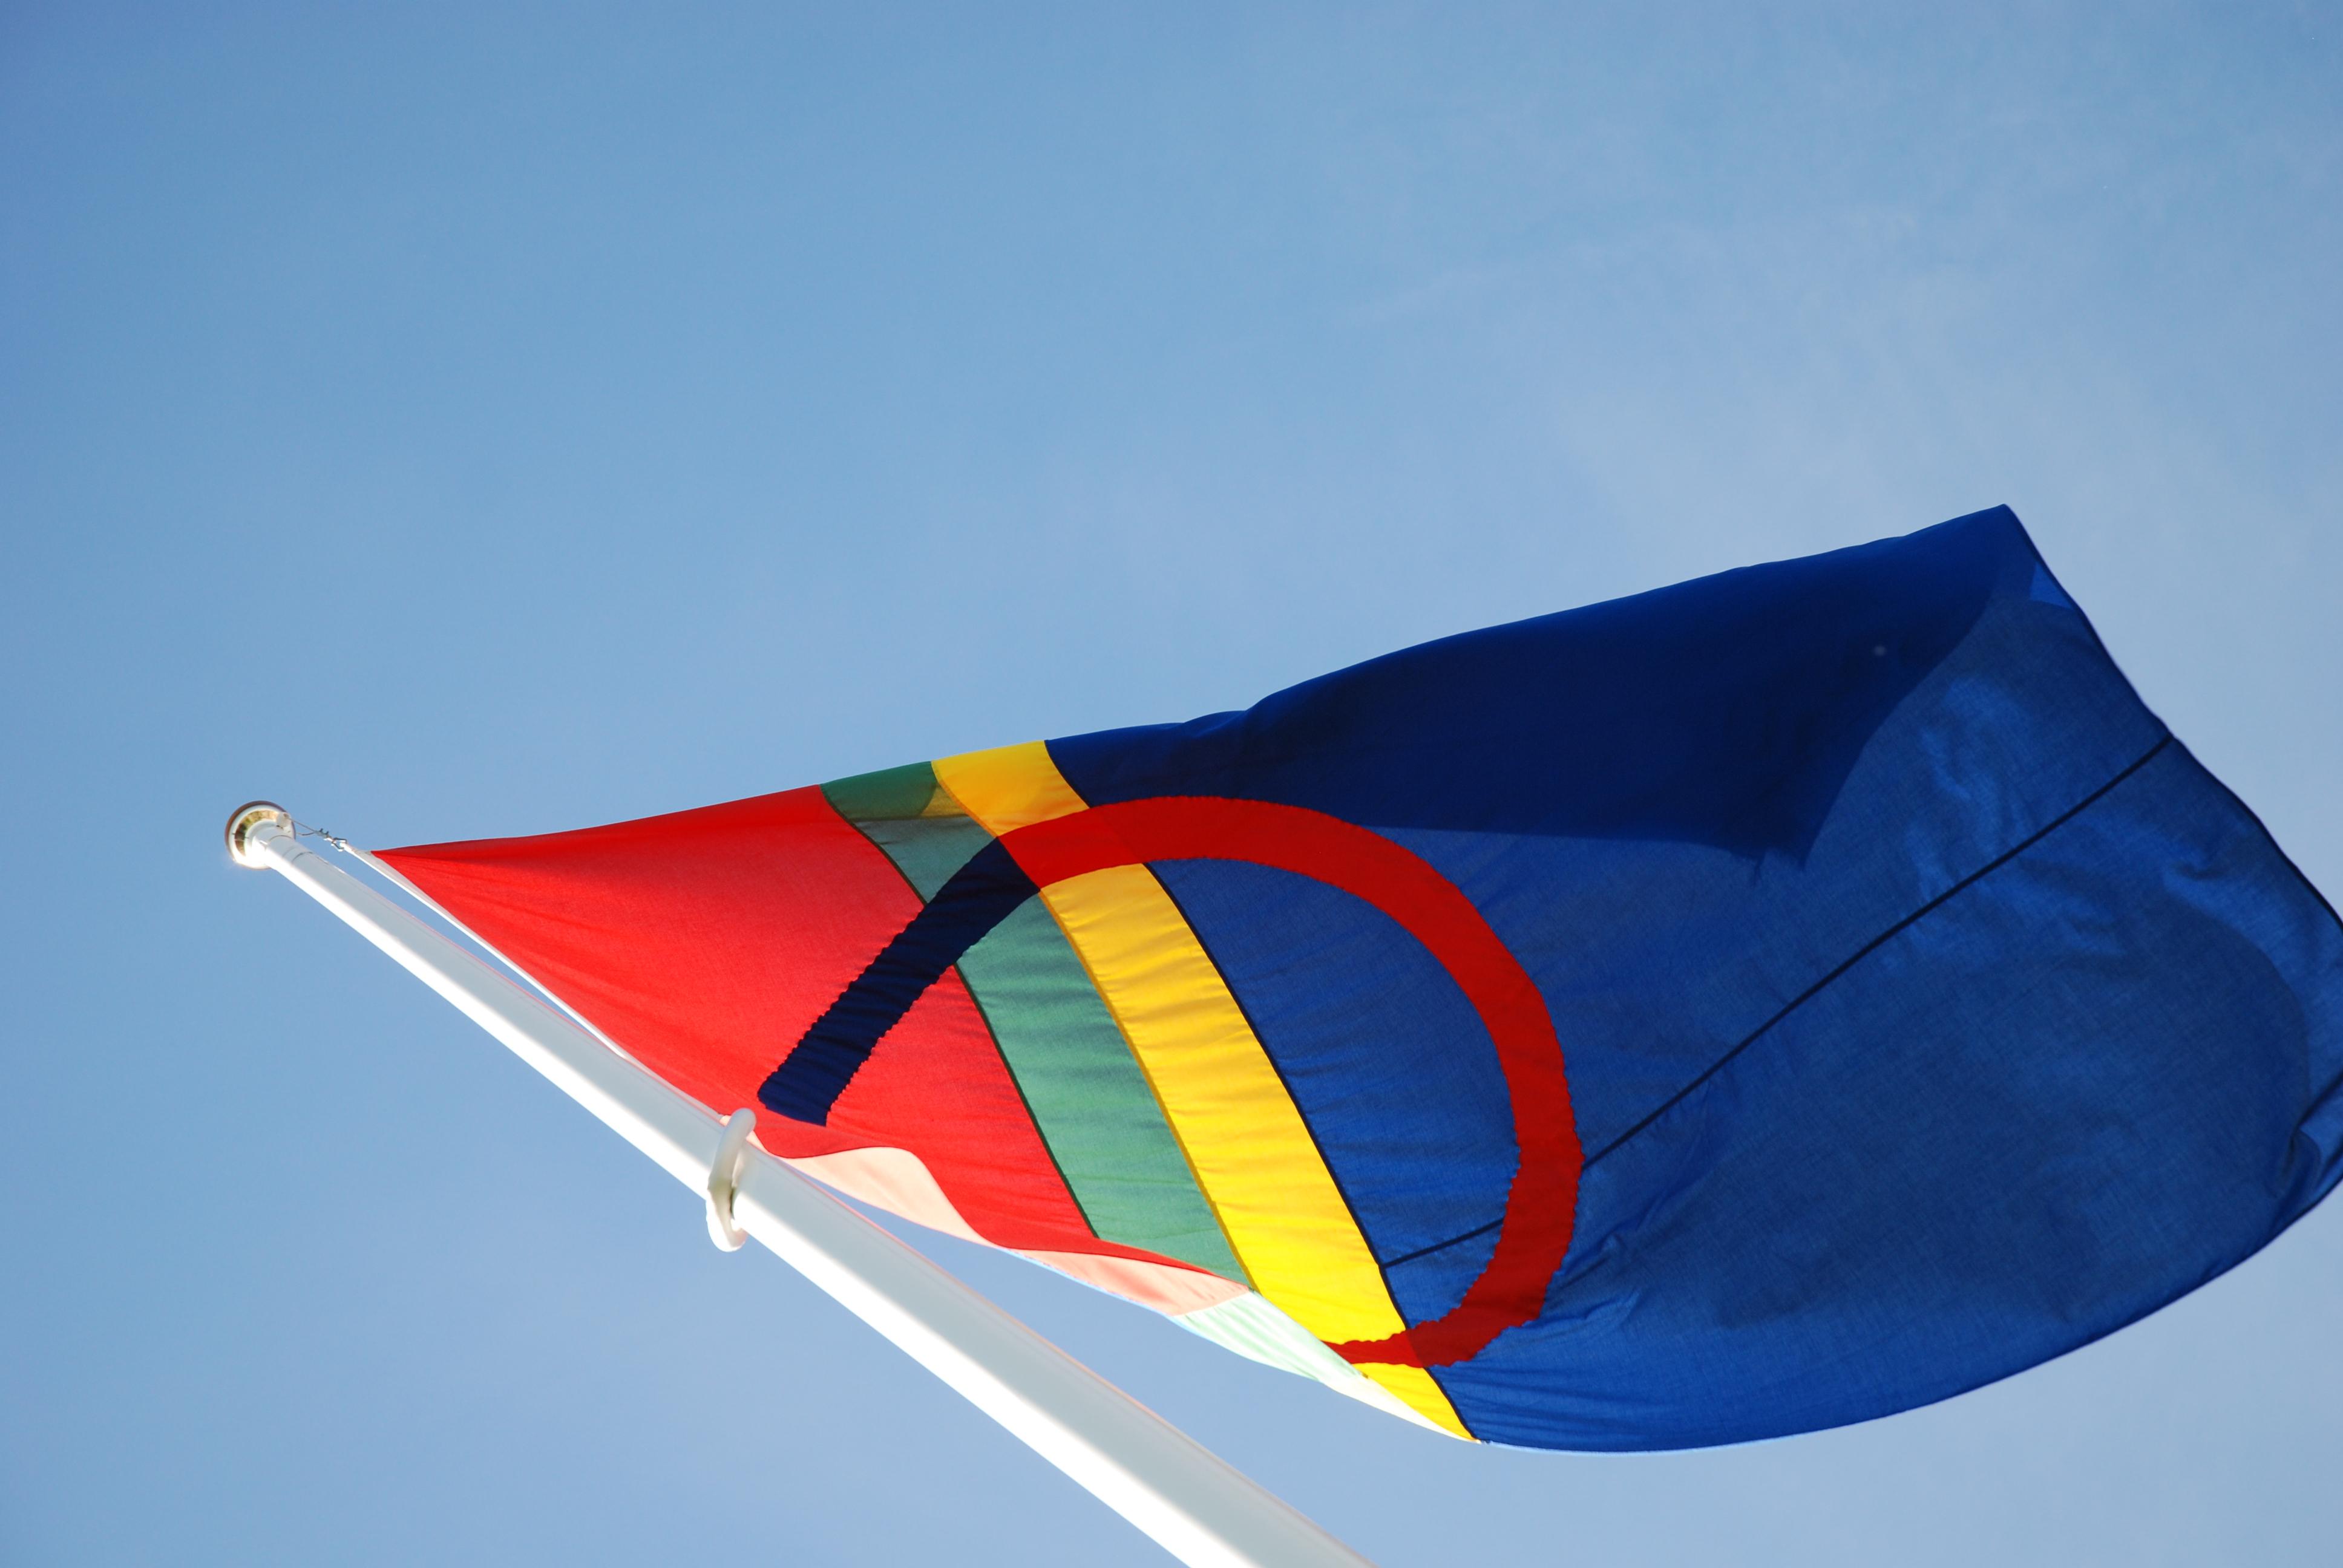 File:Samisk flagg.jpg - Wikimedia Commons: commons.wikimedia.org/wiki/file:samisk_flagg.jpg